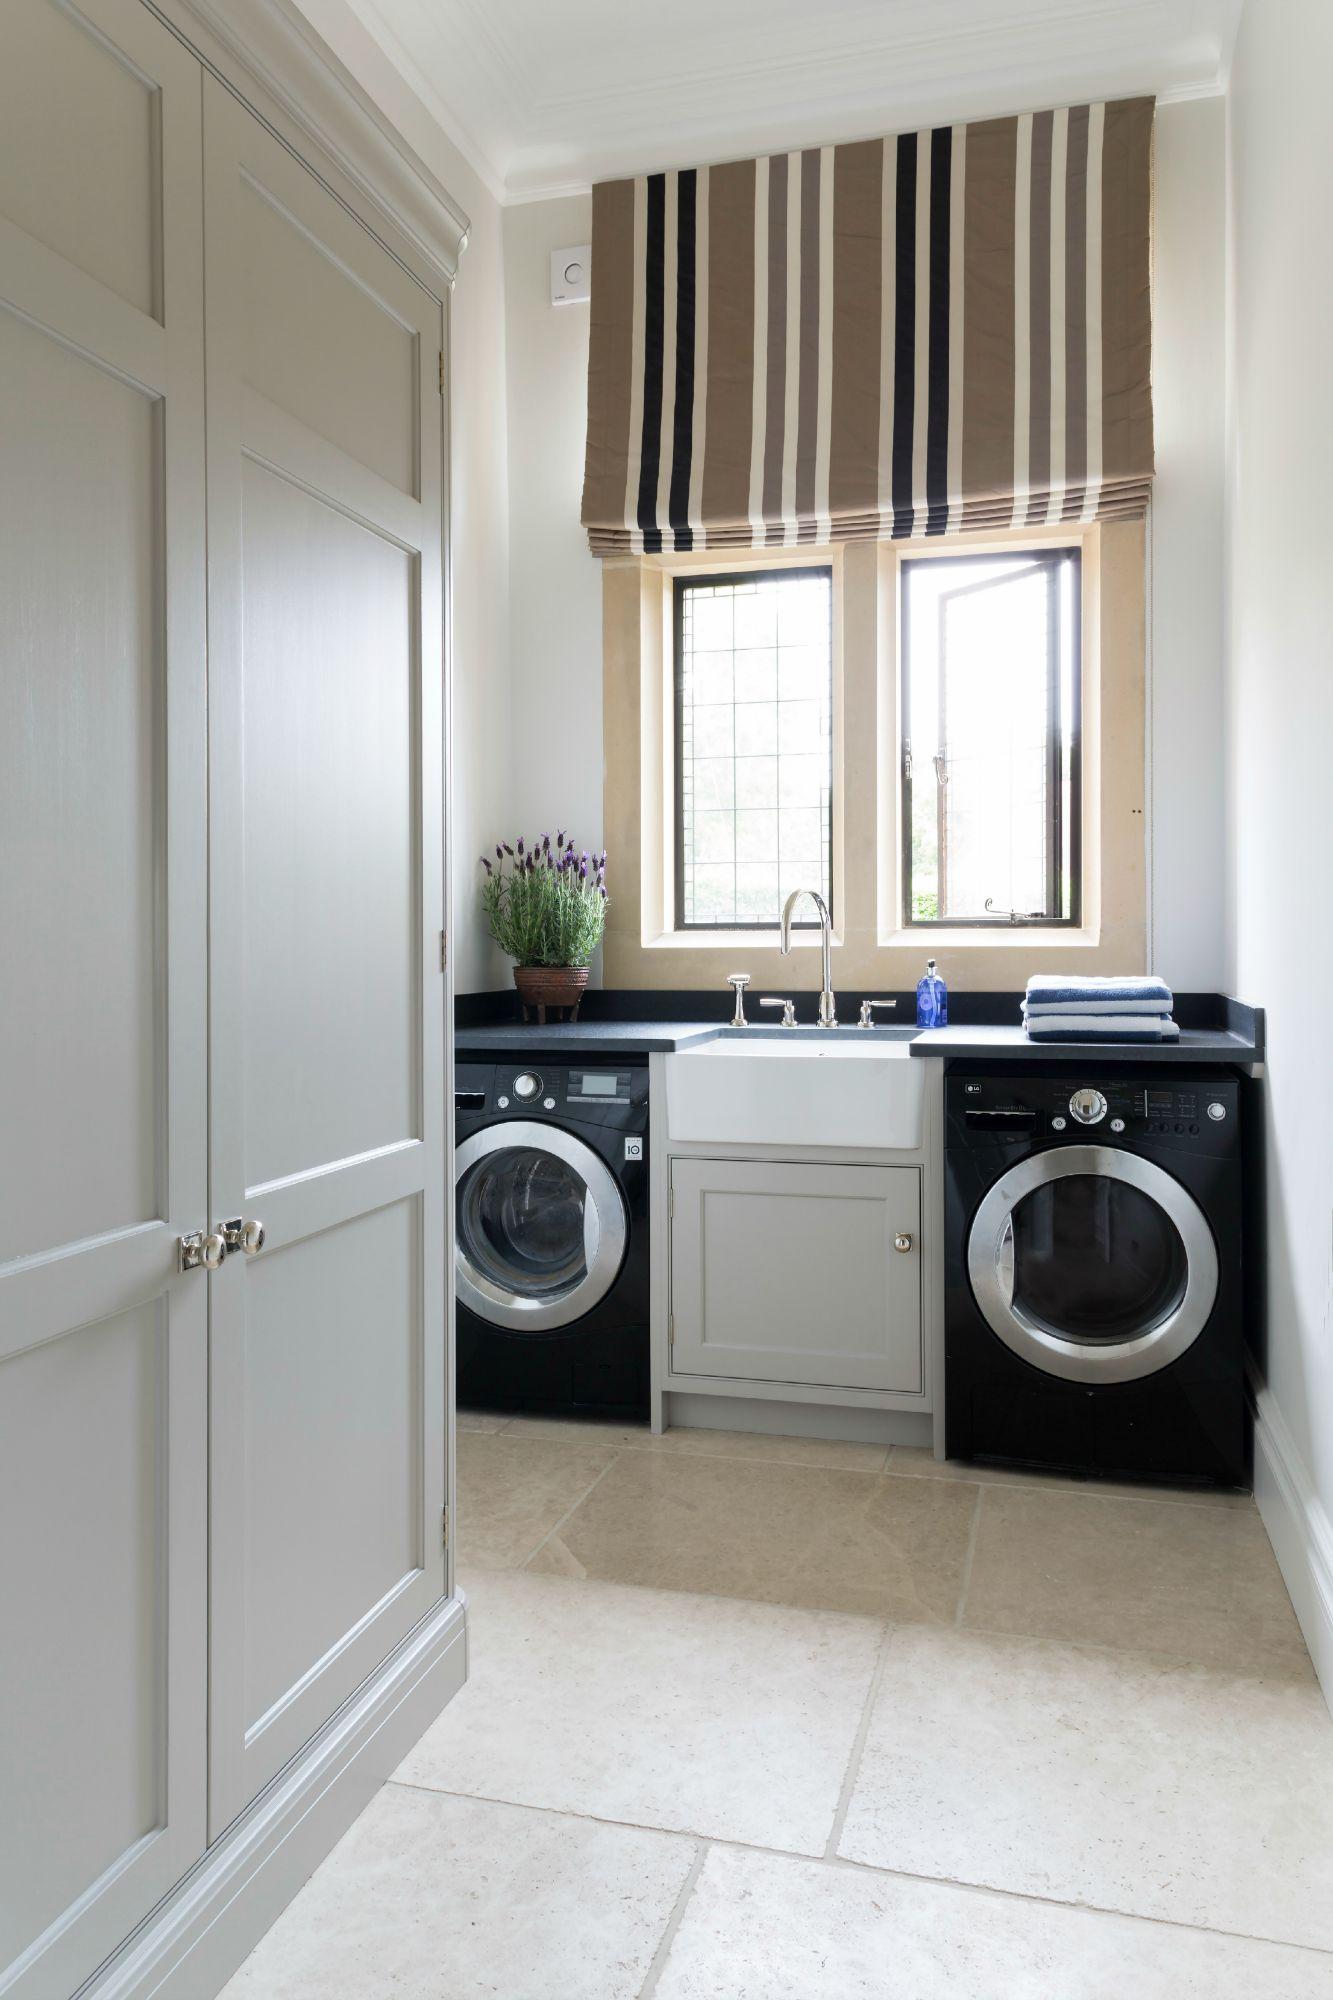 Laundry Room - Luxury Bespoke Kitchen Project - Ascot, Berkshire - Humphrey Munson